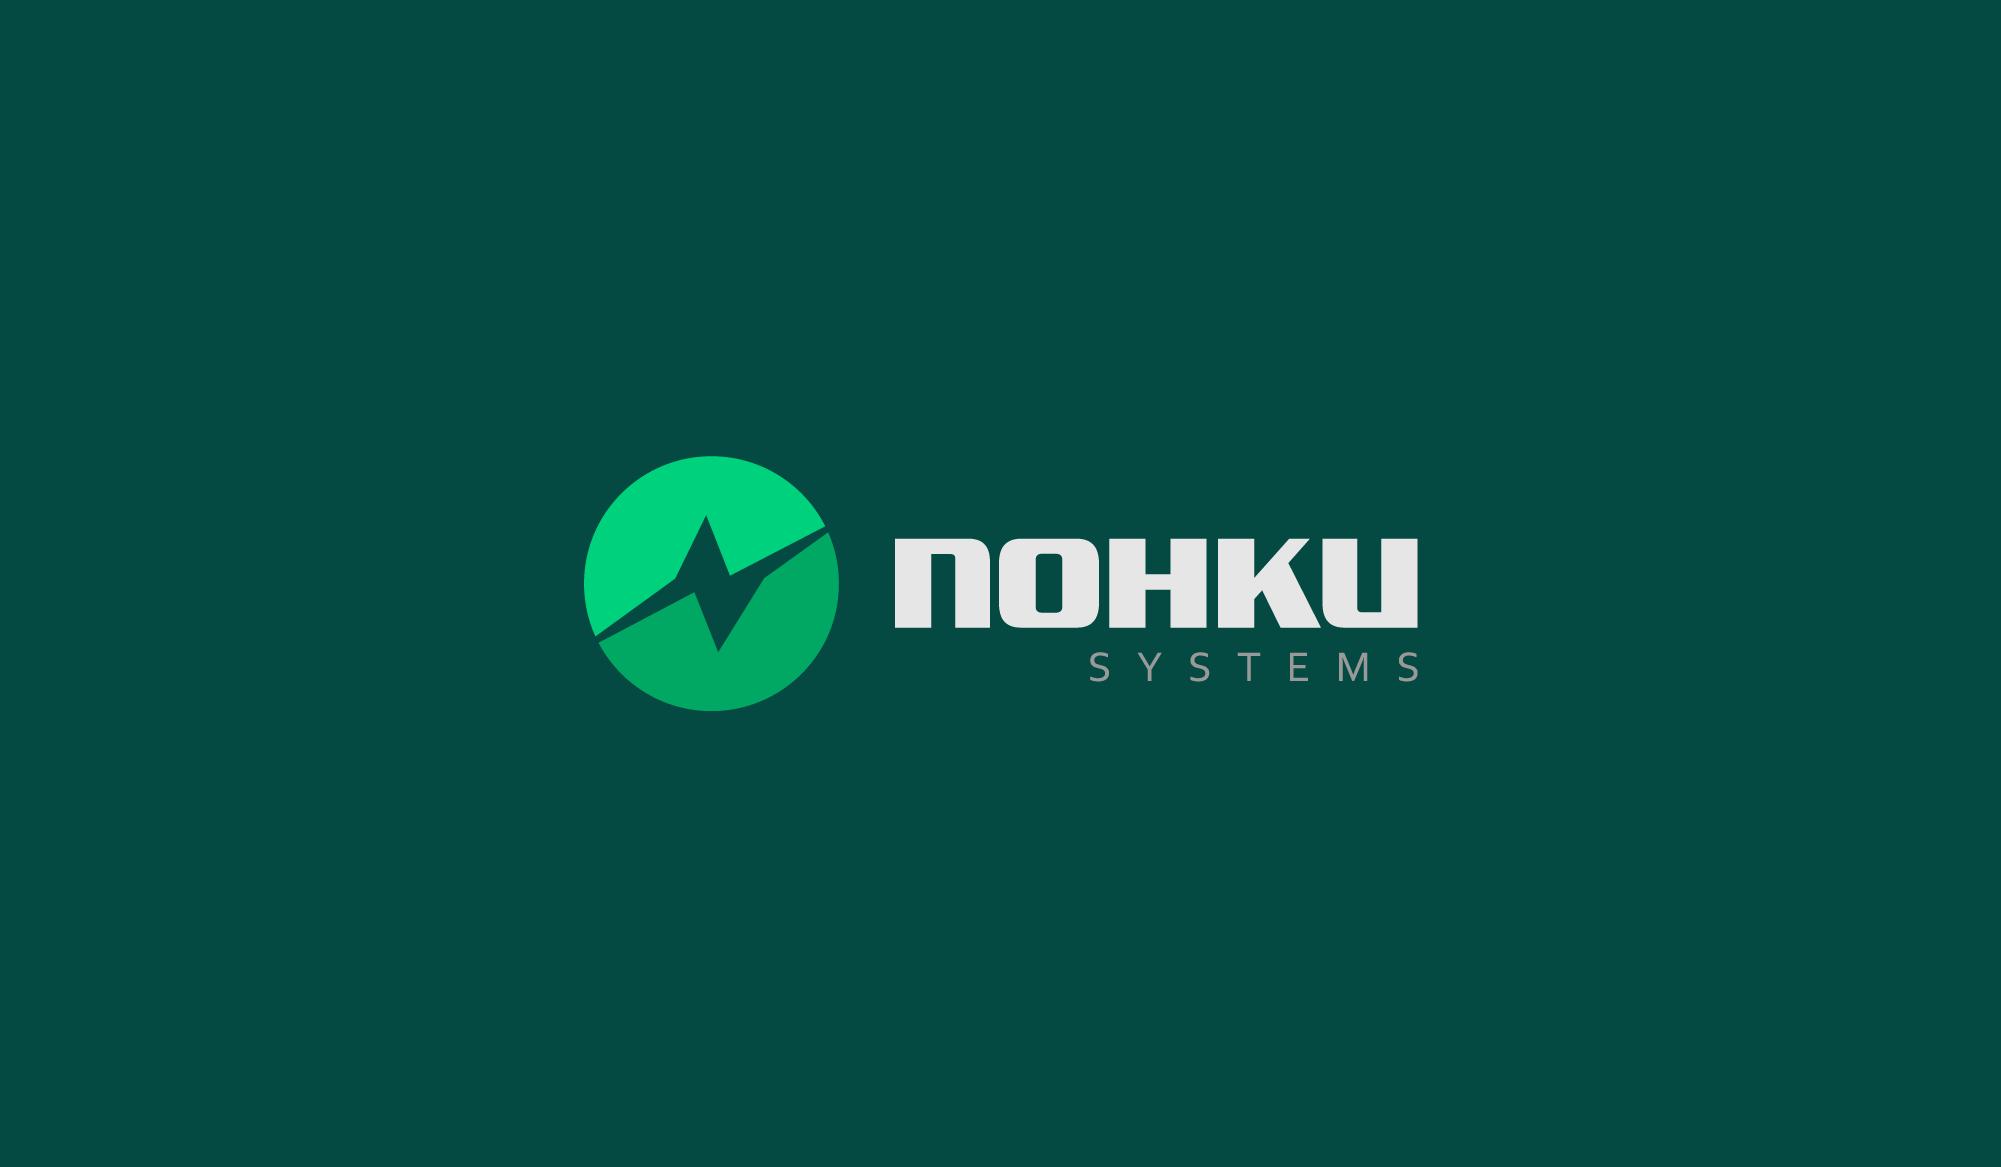 sb-logo-nohku-16